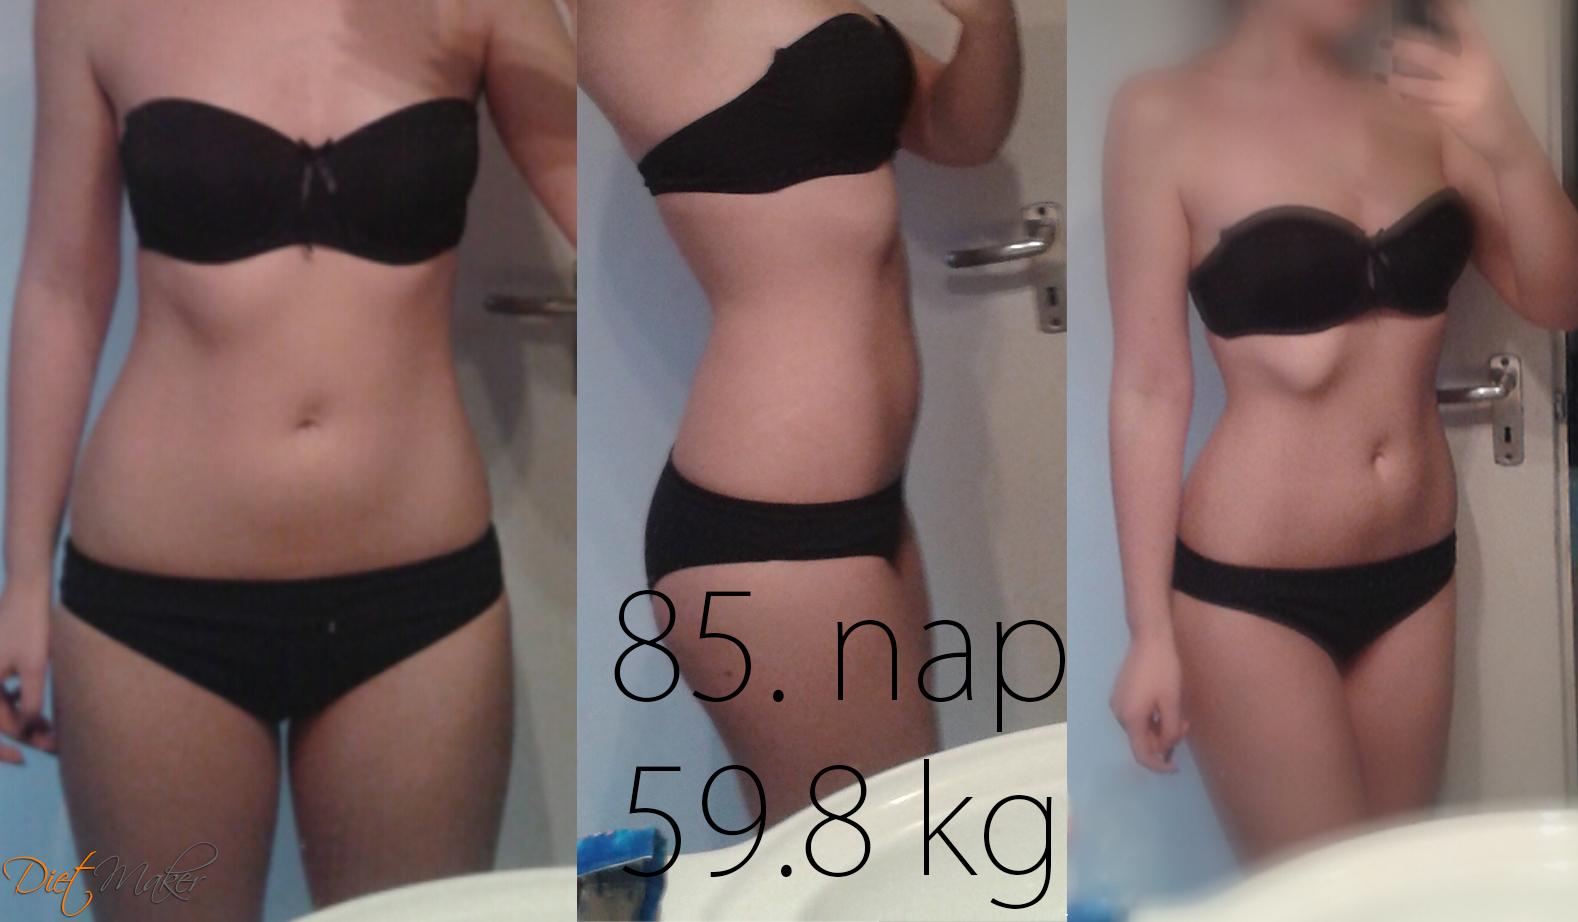 3 napos katonai diéta: 5 kiló fogyást ígérnek - Fogyókúra | Femina